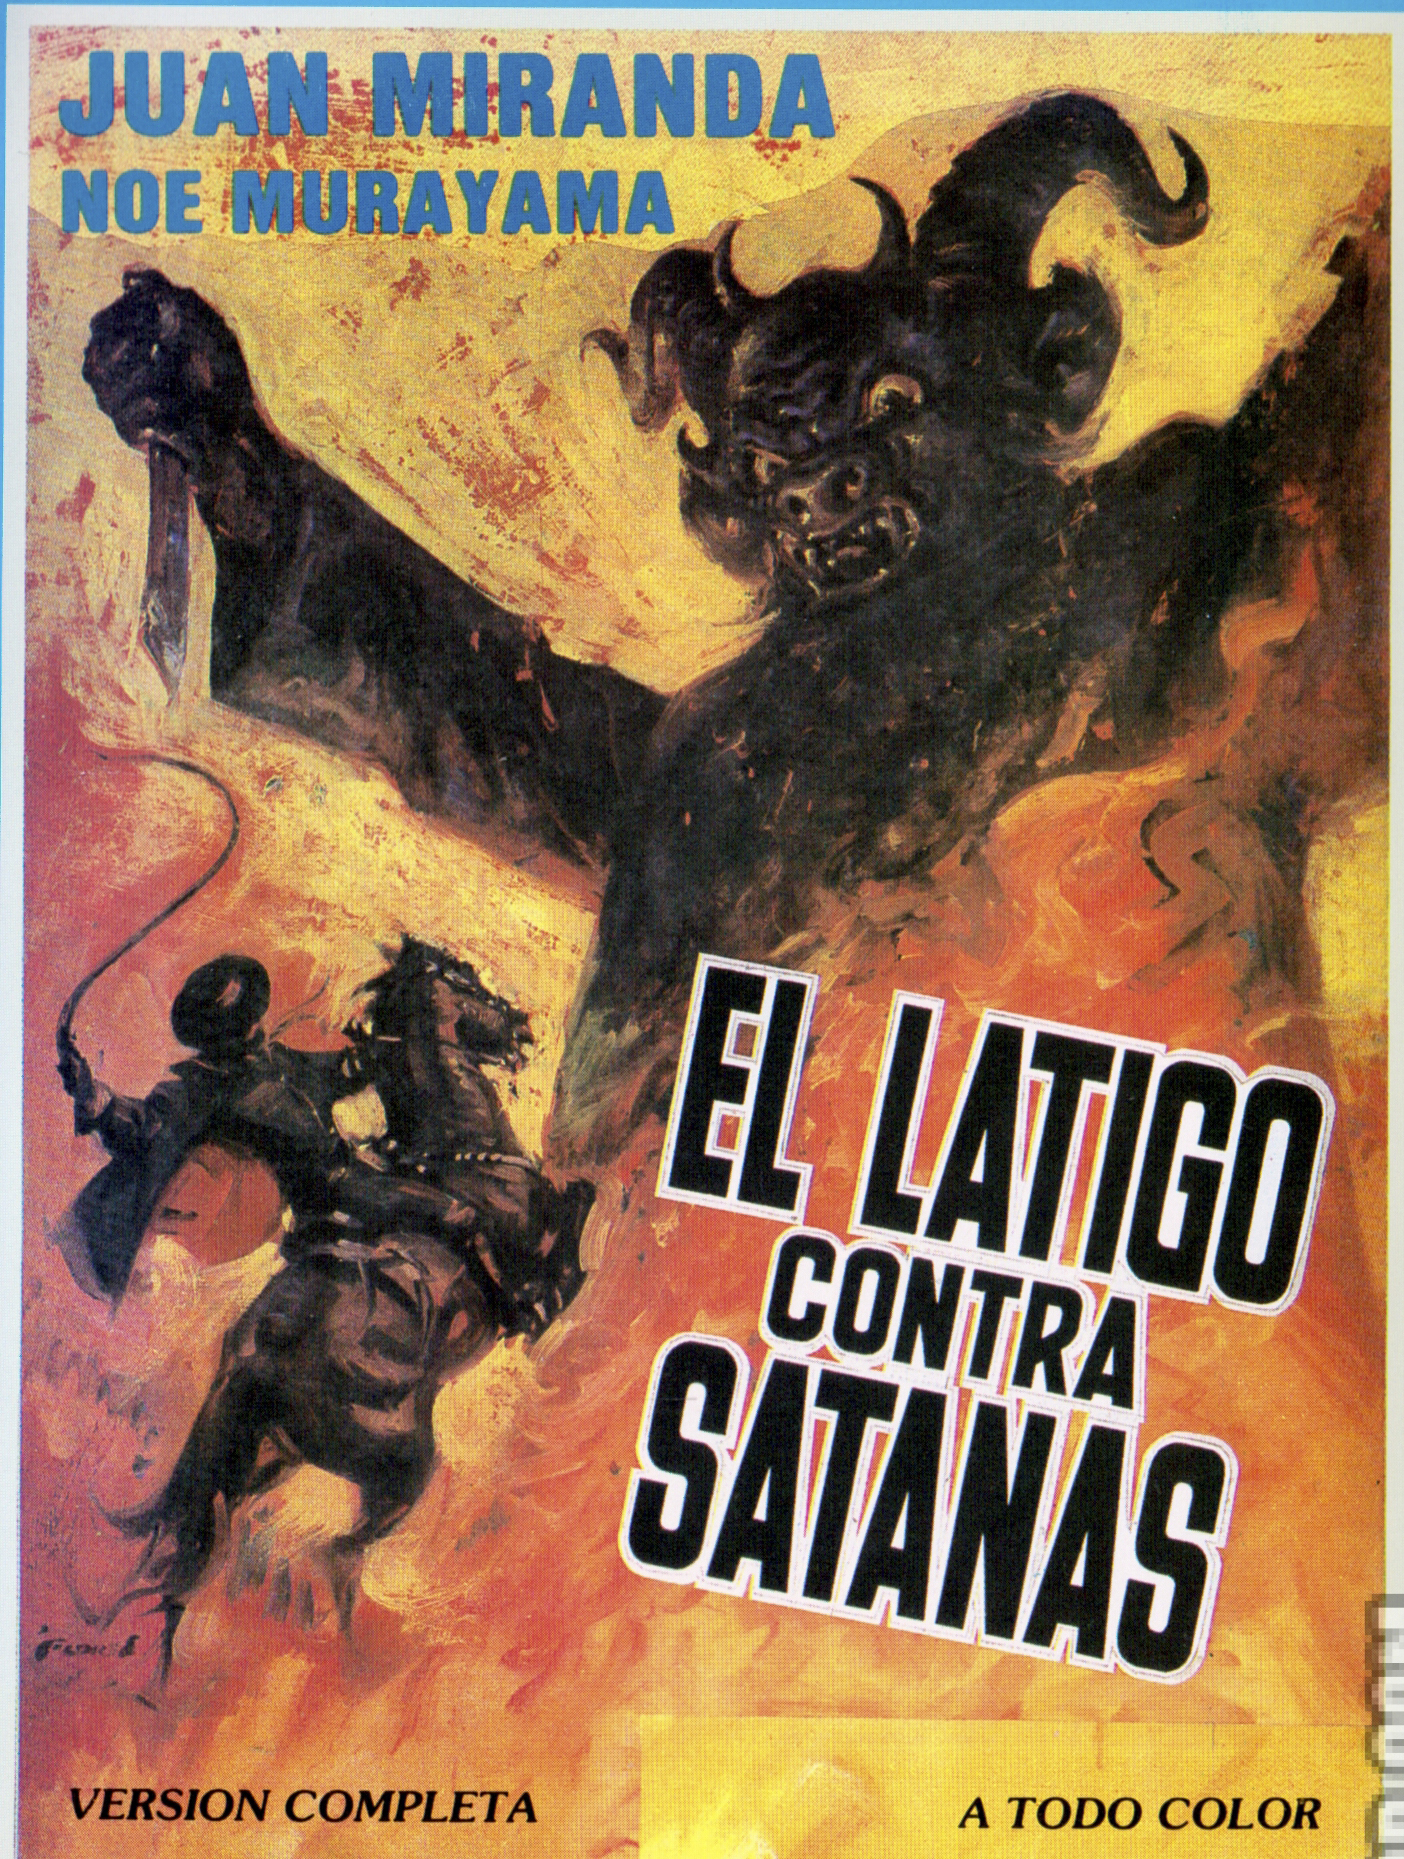 Кнут против Сатаны - El lГЎtigo contra SatanГЎs